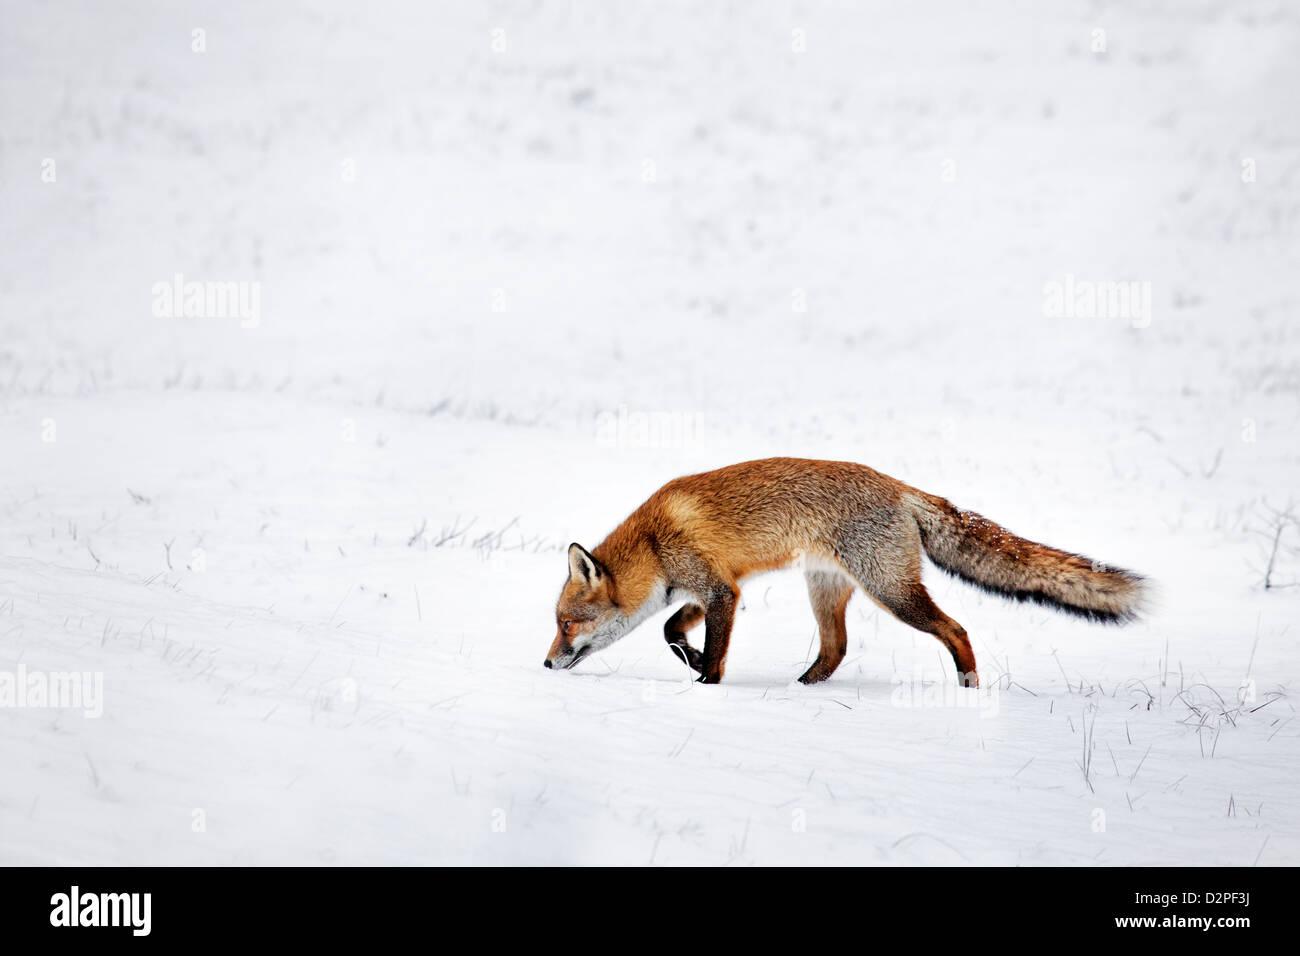 Caça Red Fox (Vulpes vulpes) seguintes scent trilha pela presa em prados cobertas de neve no inverno Imagens de Stock